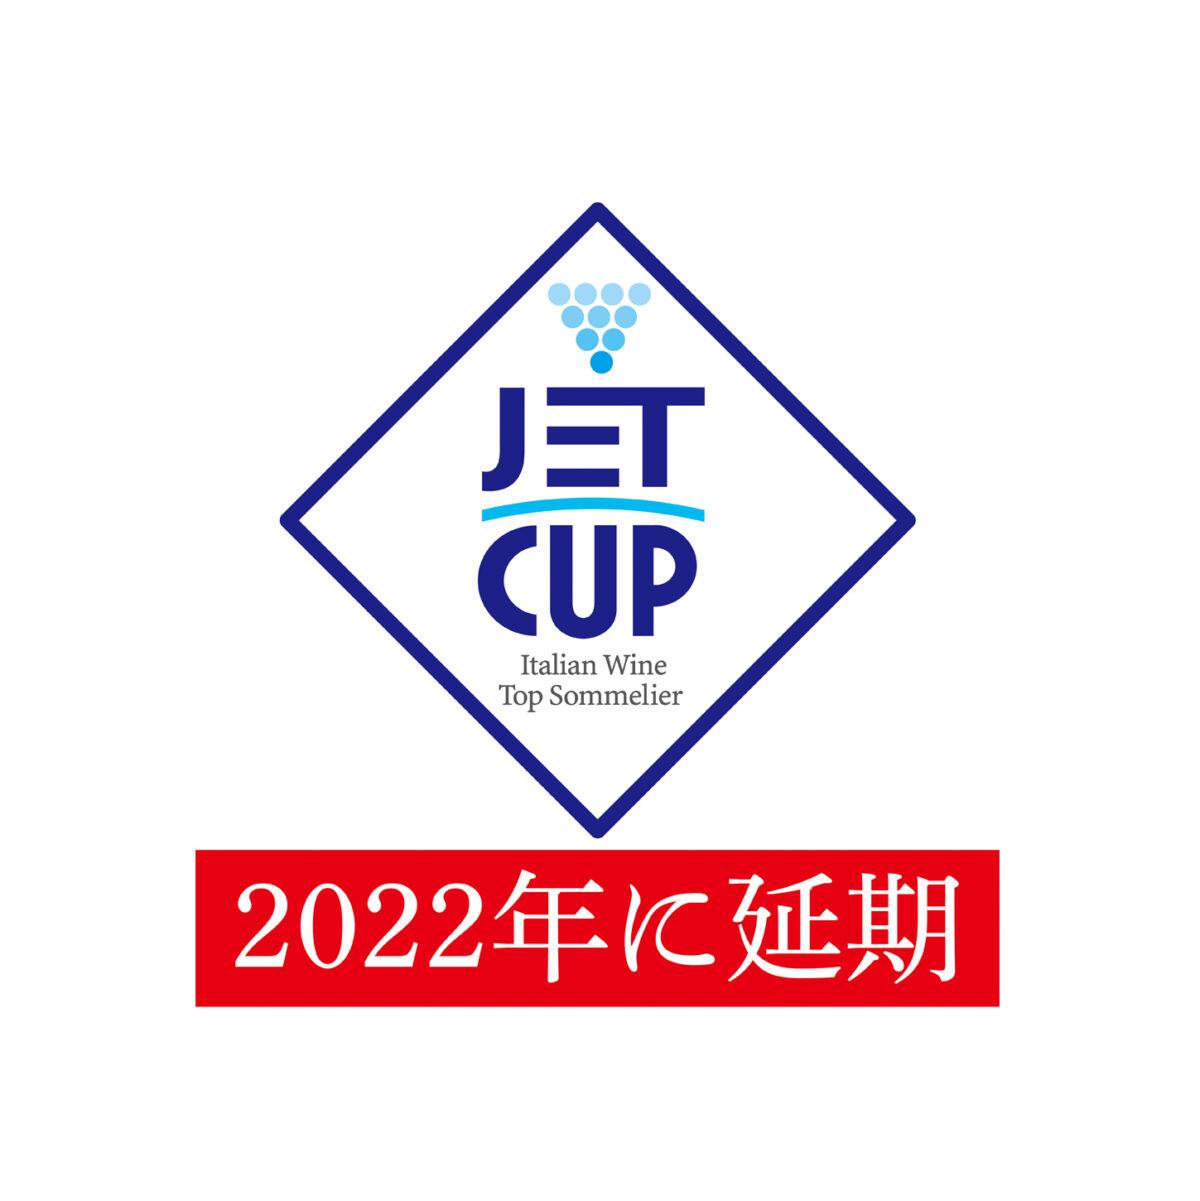 第14回 JETCUP イタリアワイン・ベスト・ソムリエ・コンクール 2021年開催中止のお知らせ